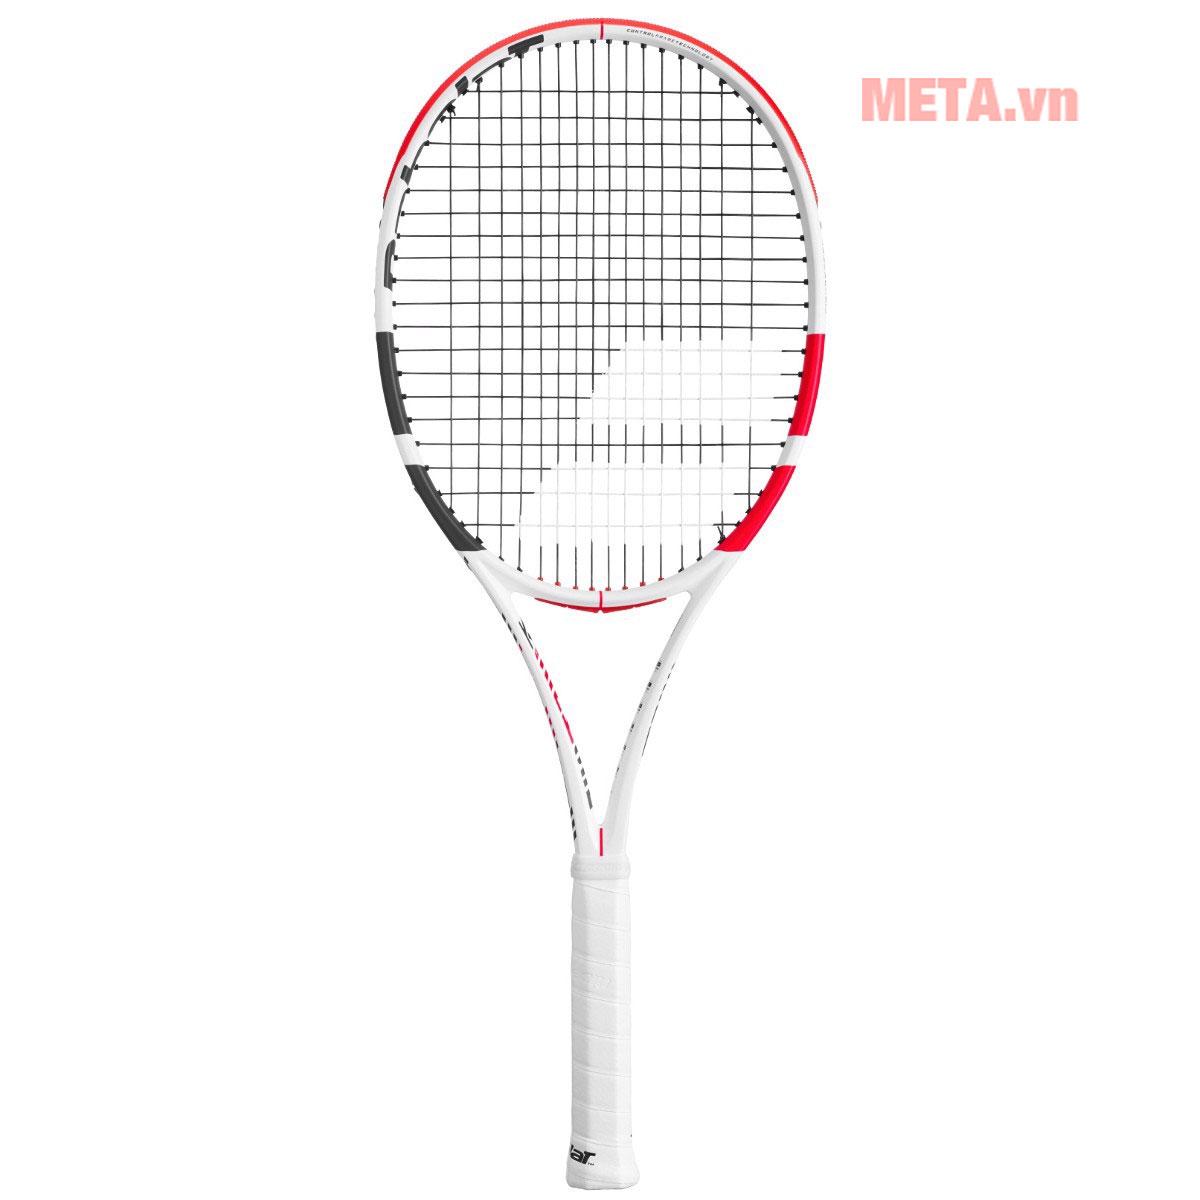 Vợt tennis đan dây 16 x 19, khuyến cáo căng dây 22 - 26kg